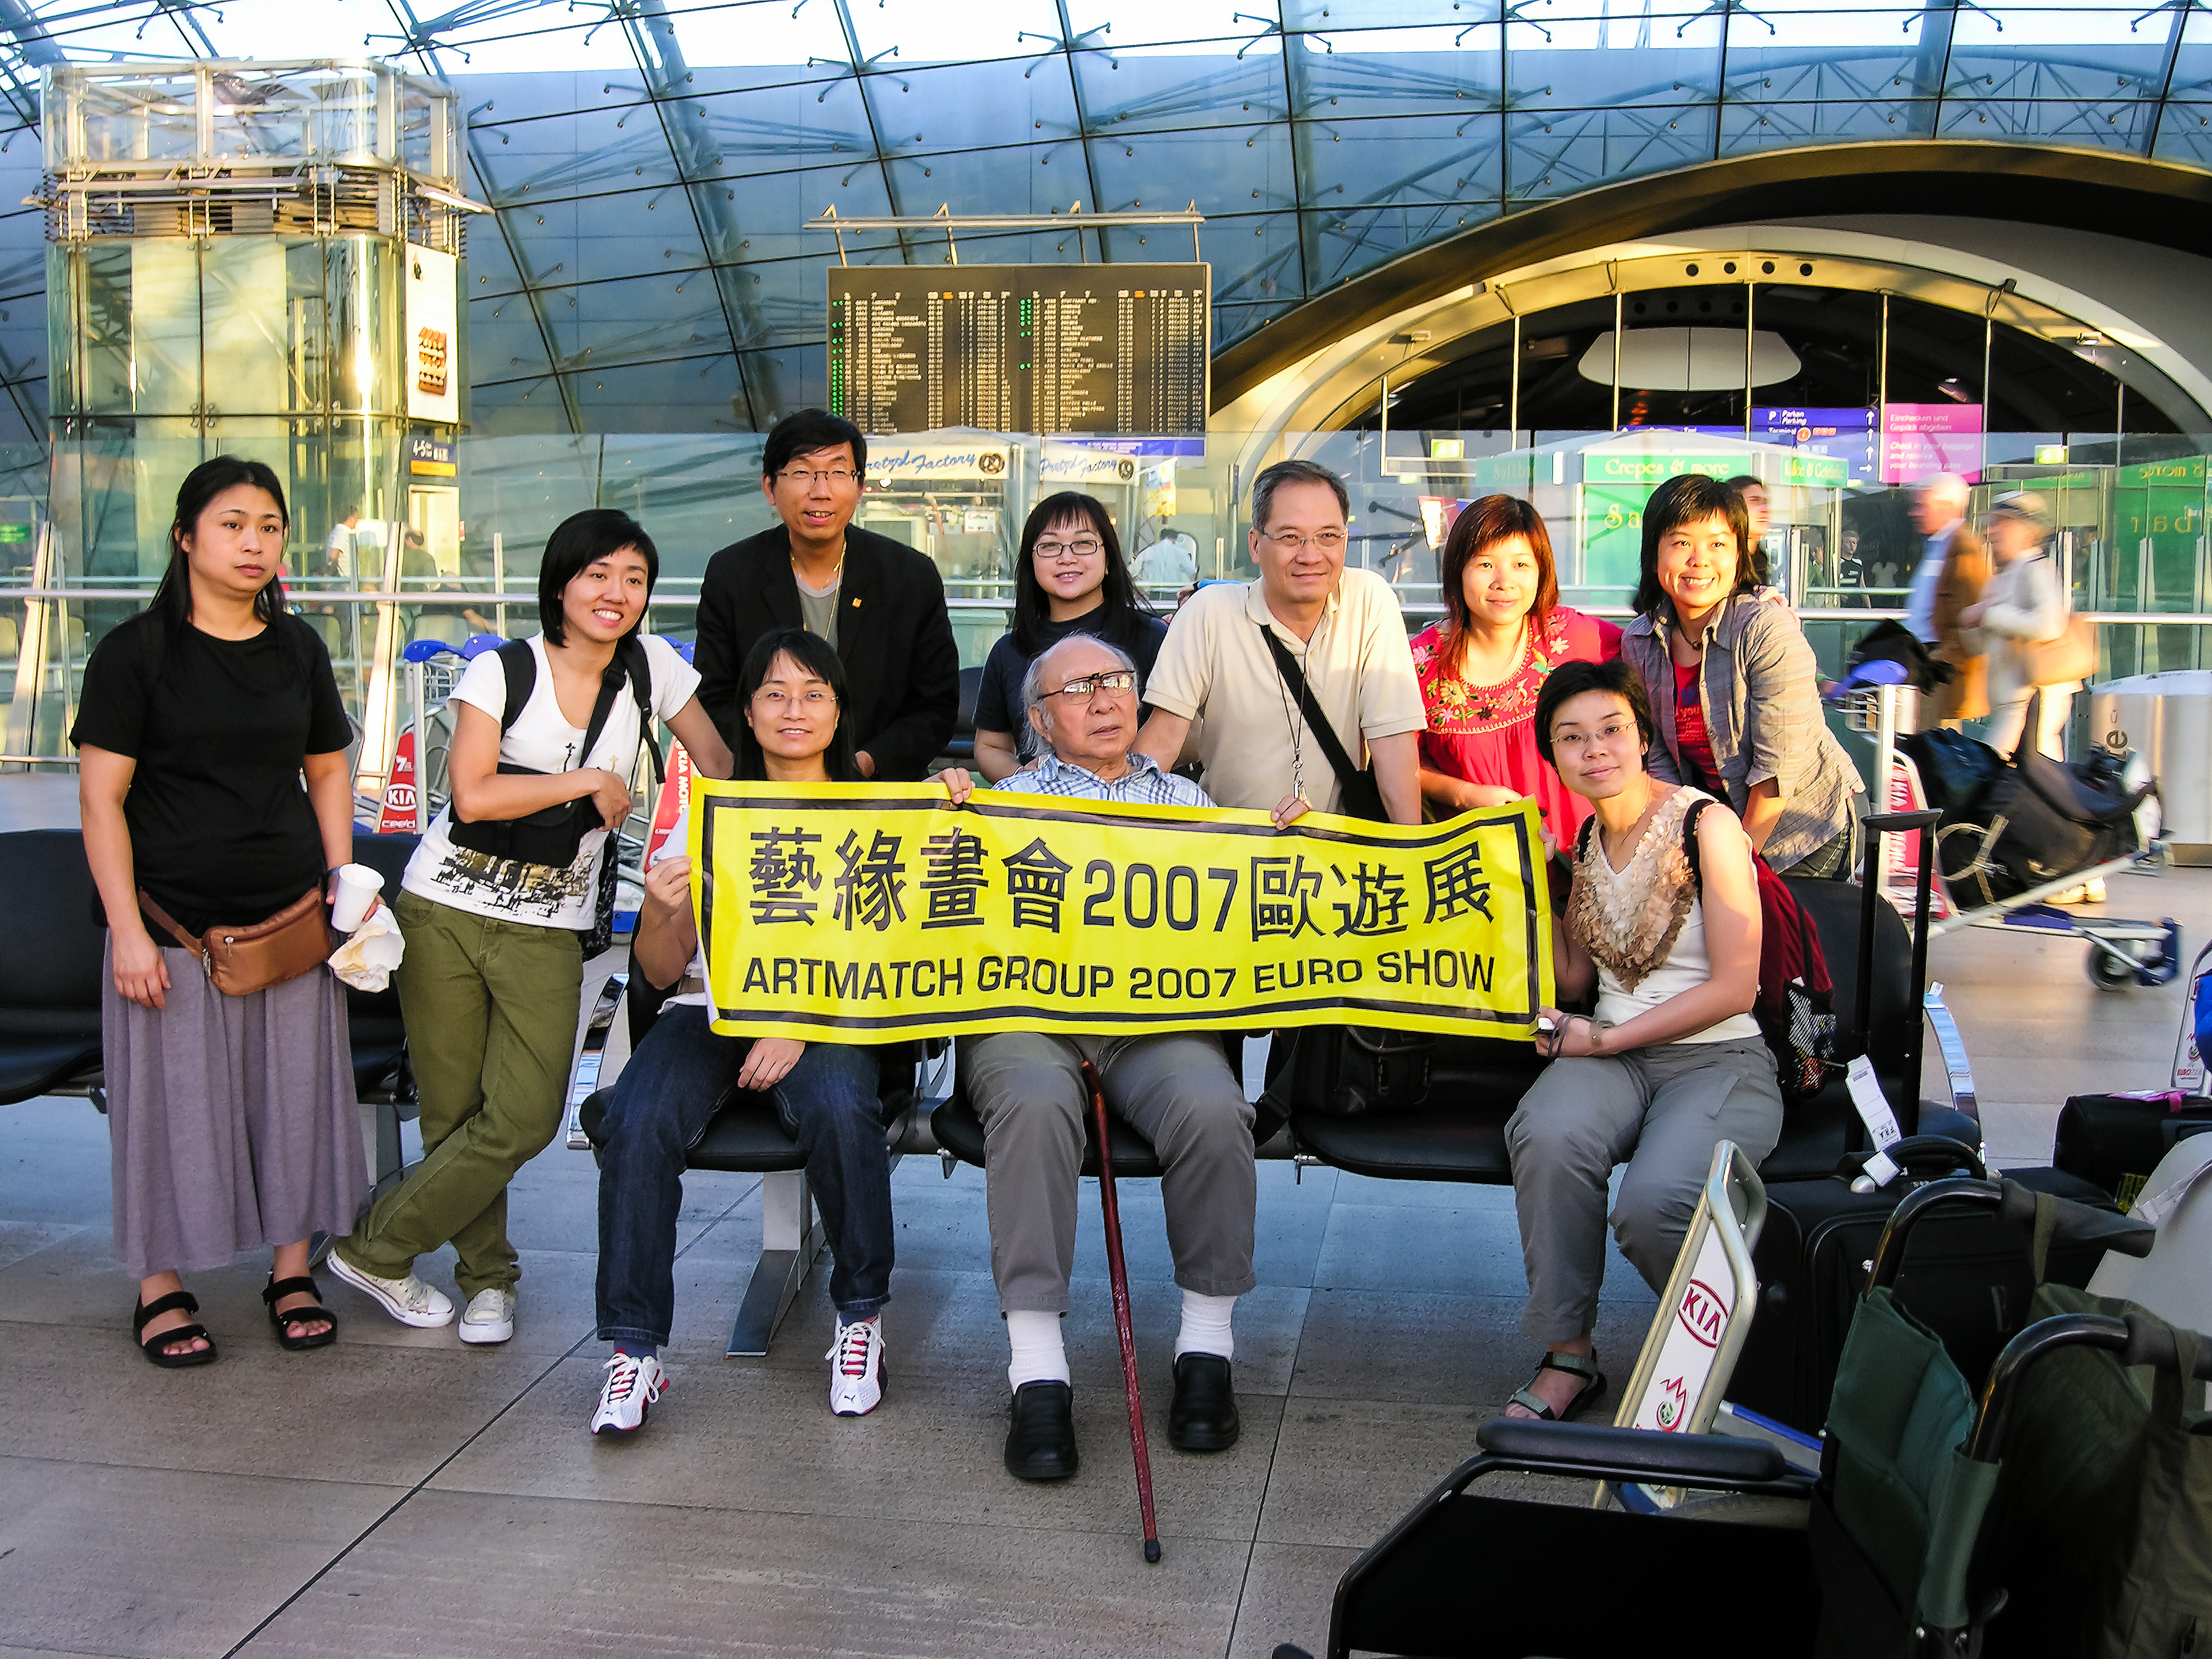 2007_欧游展 1